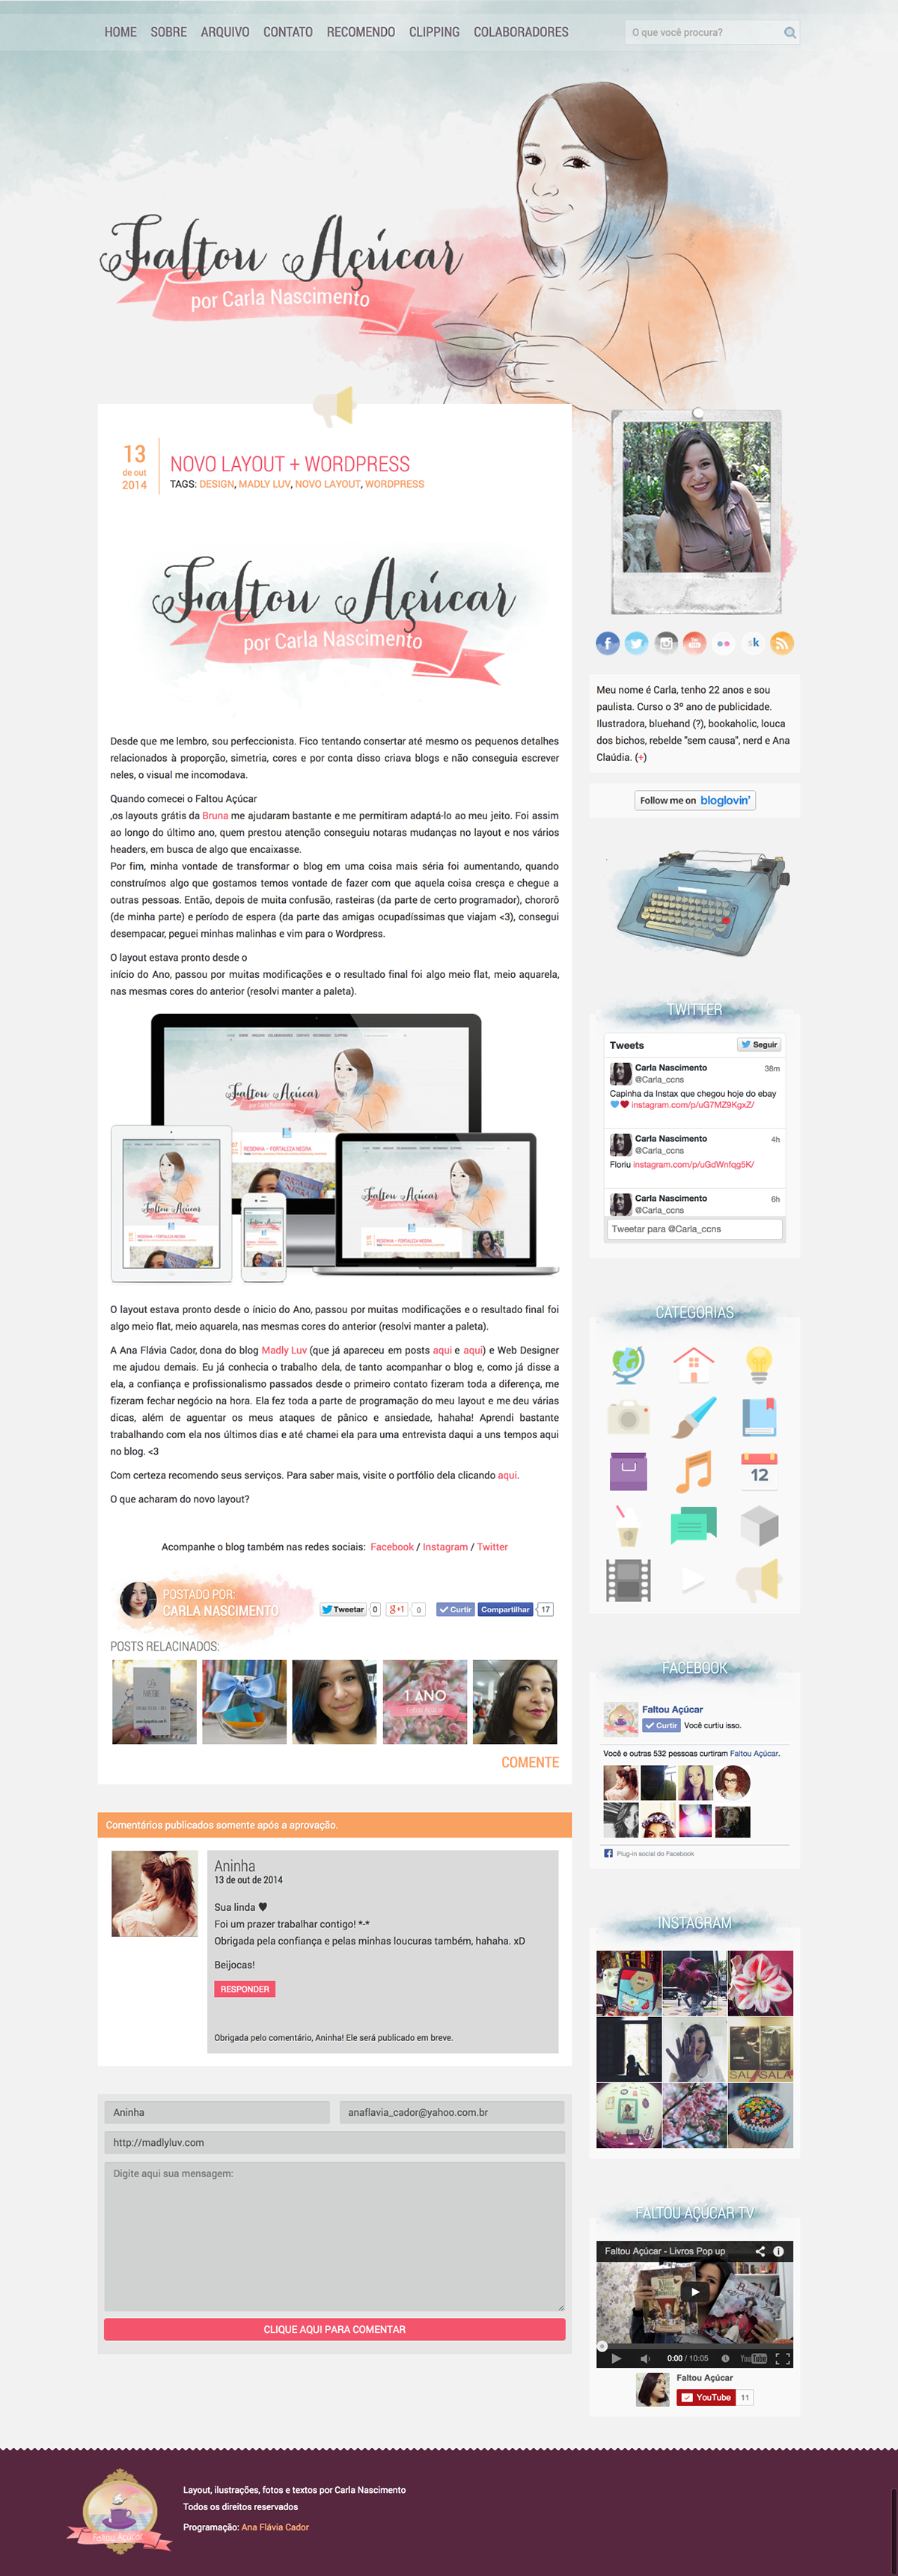 Faltou Açucar (PSD to WordPress - Responsive)